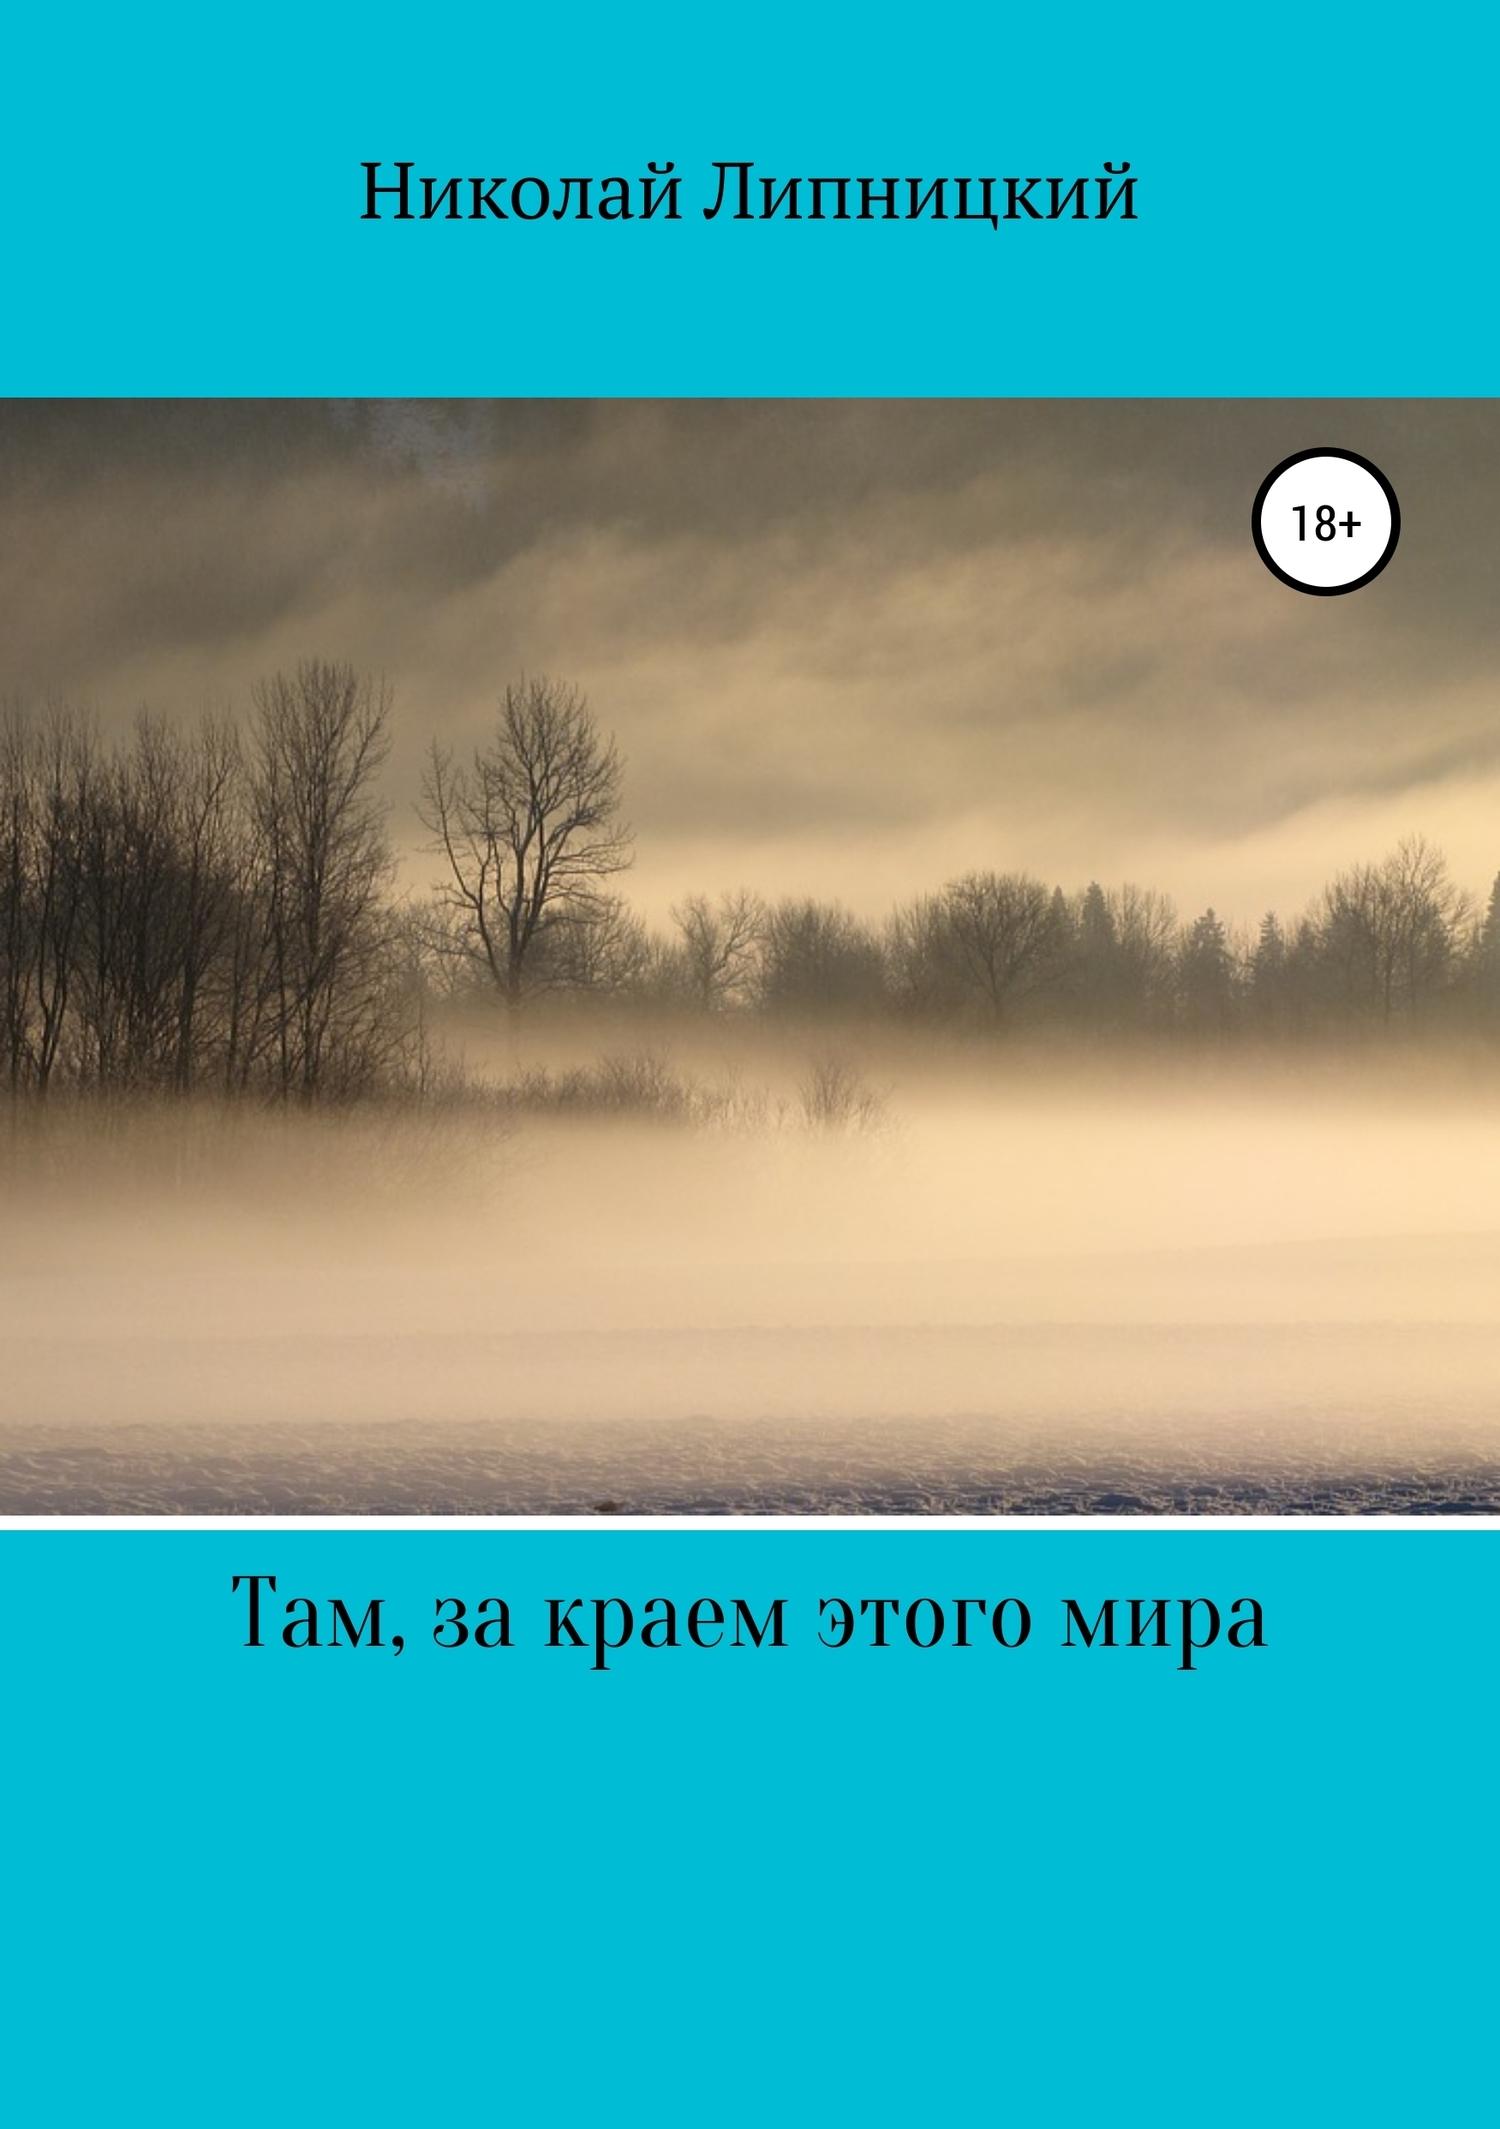 Николай Липницкий - Там, за краем этого мира